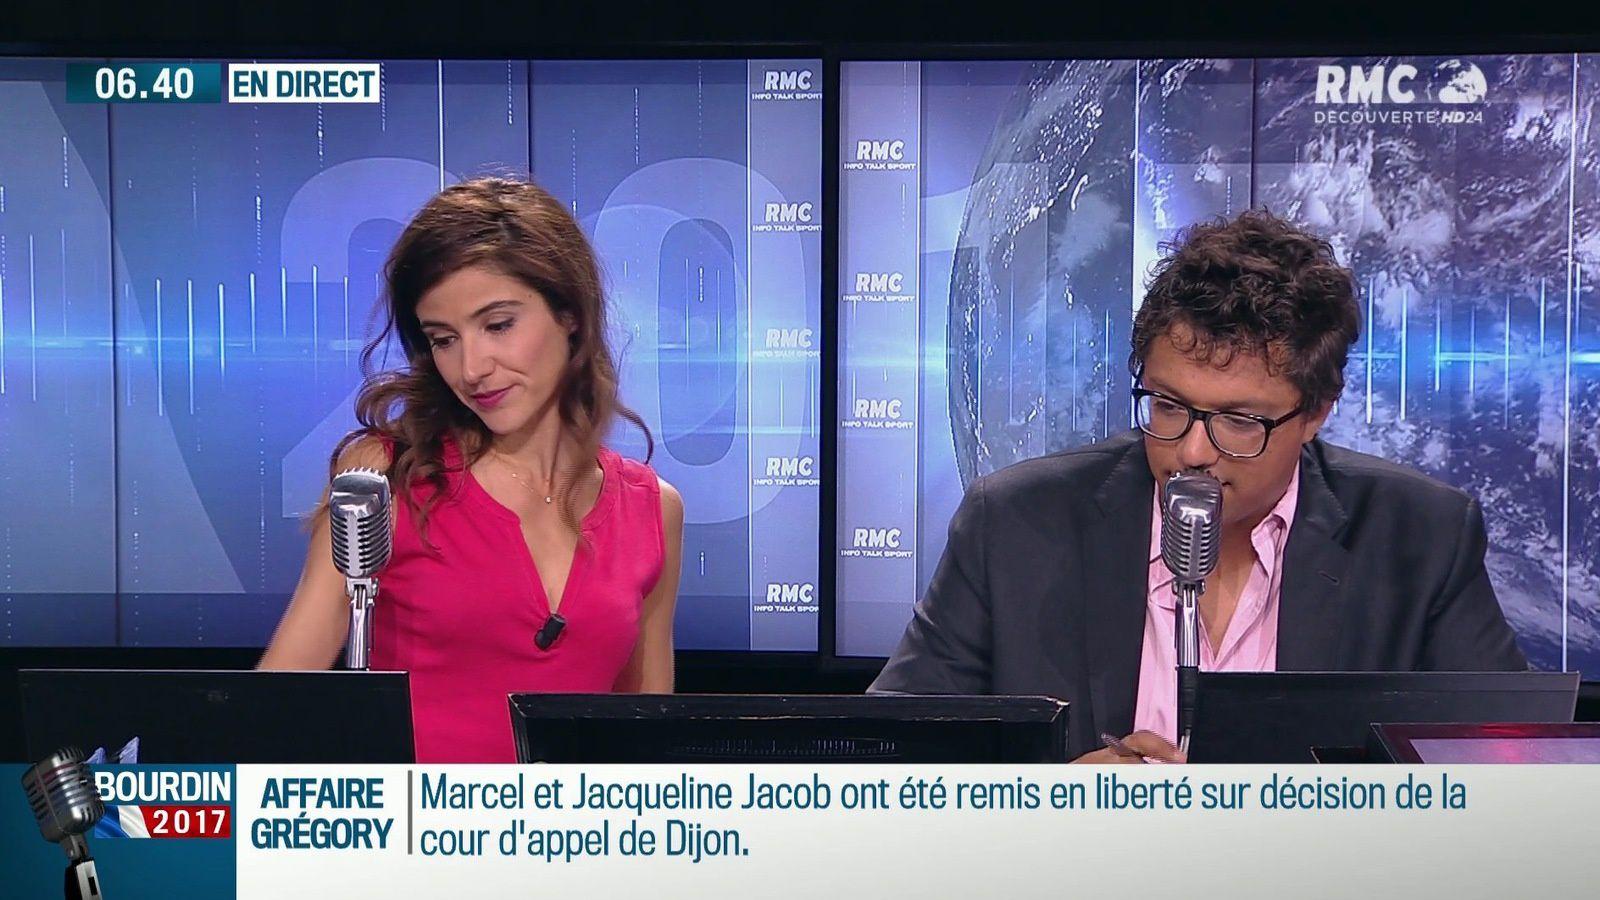 📸7 CHLOE CAMBRELING ce matin @RMCDecouverte #vuesalatele